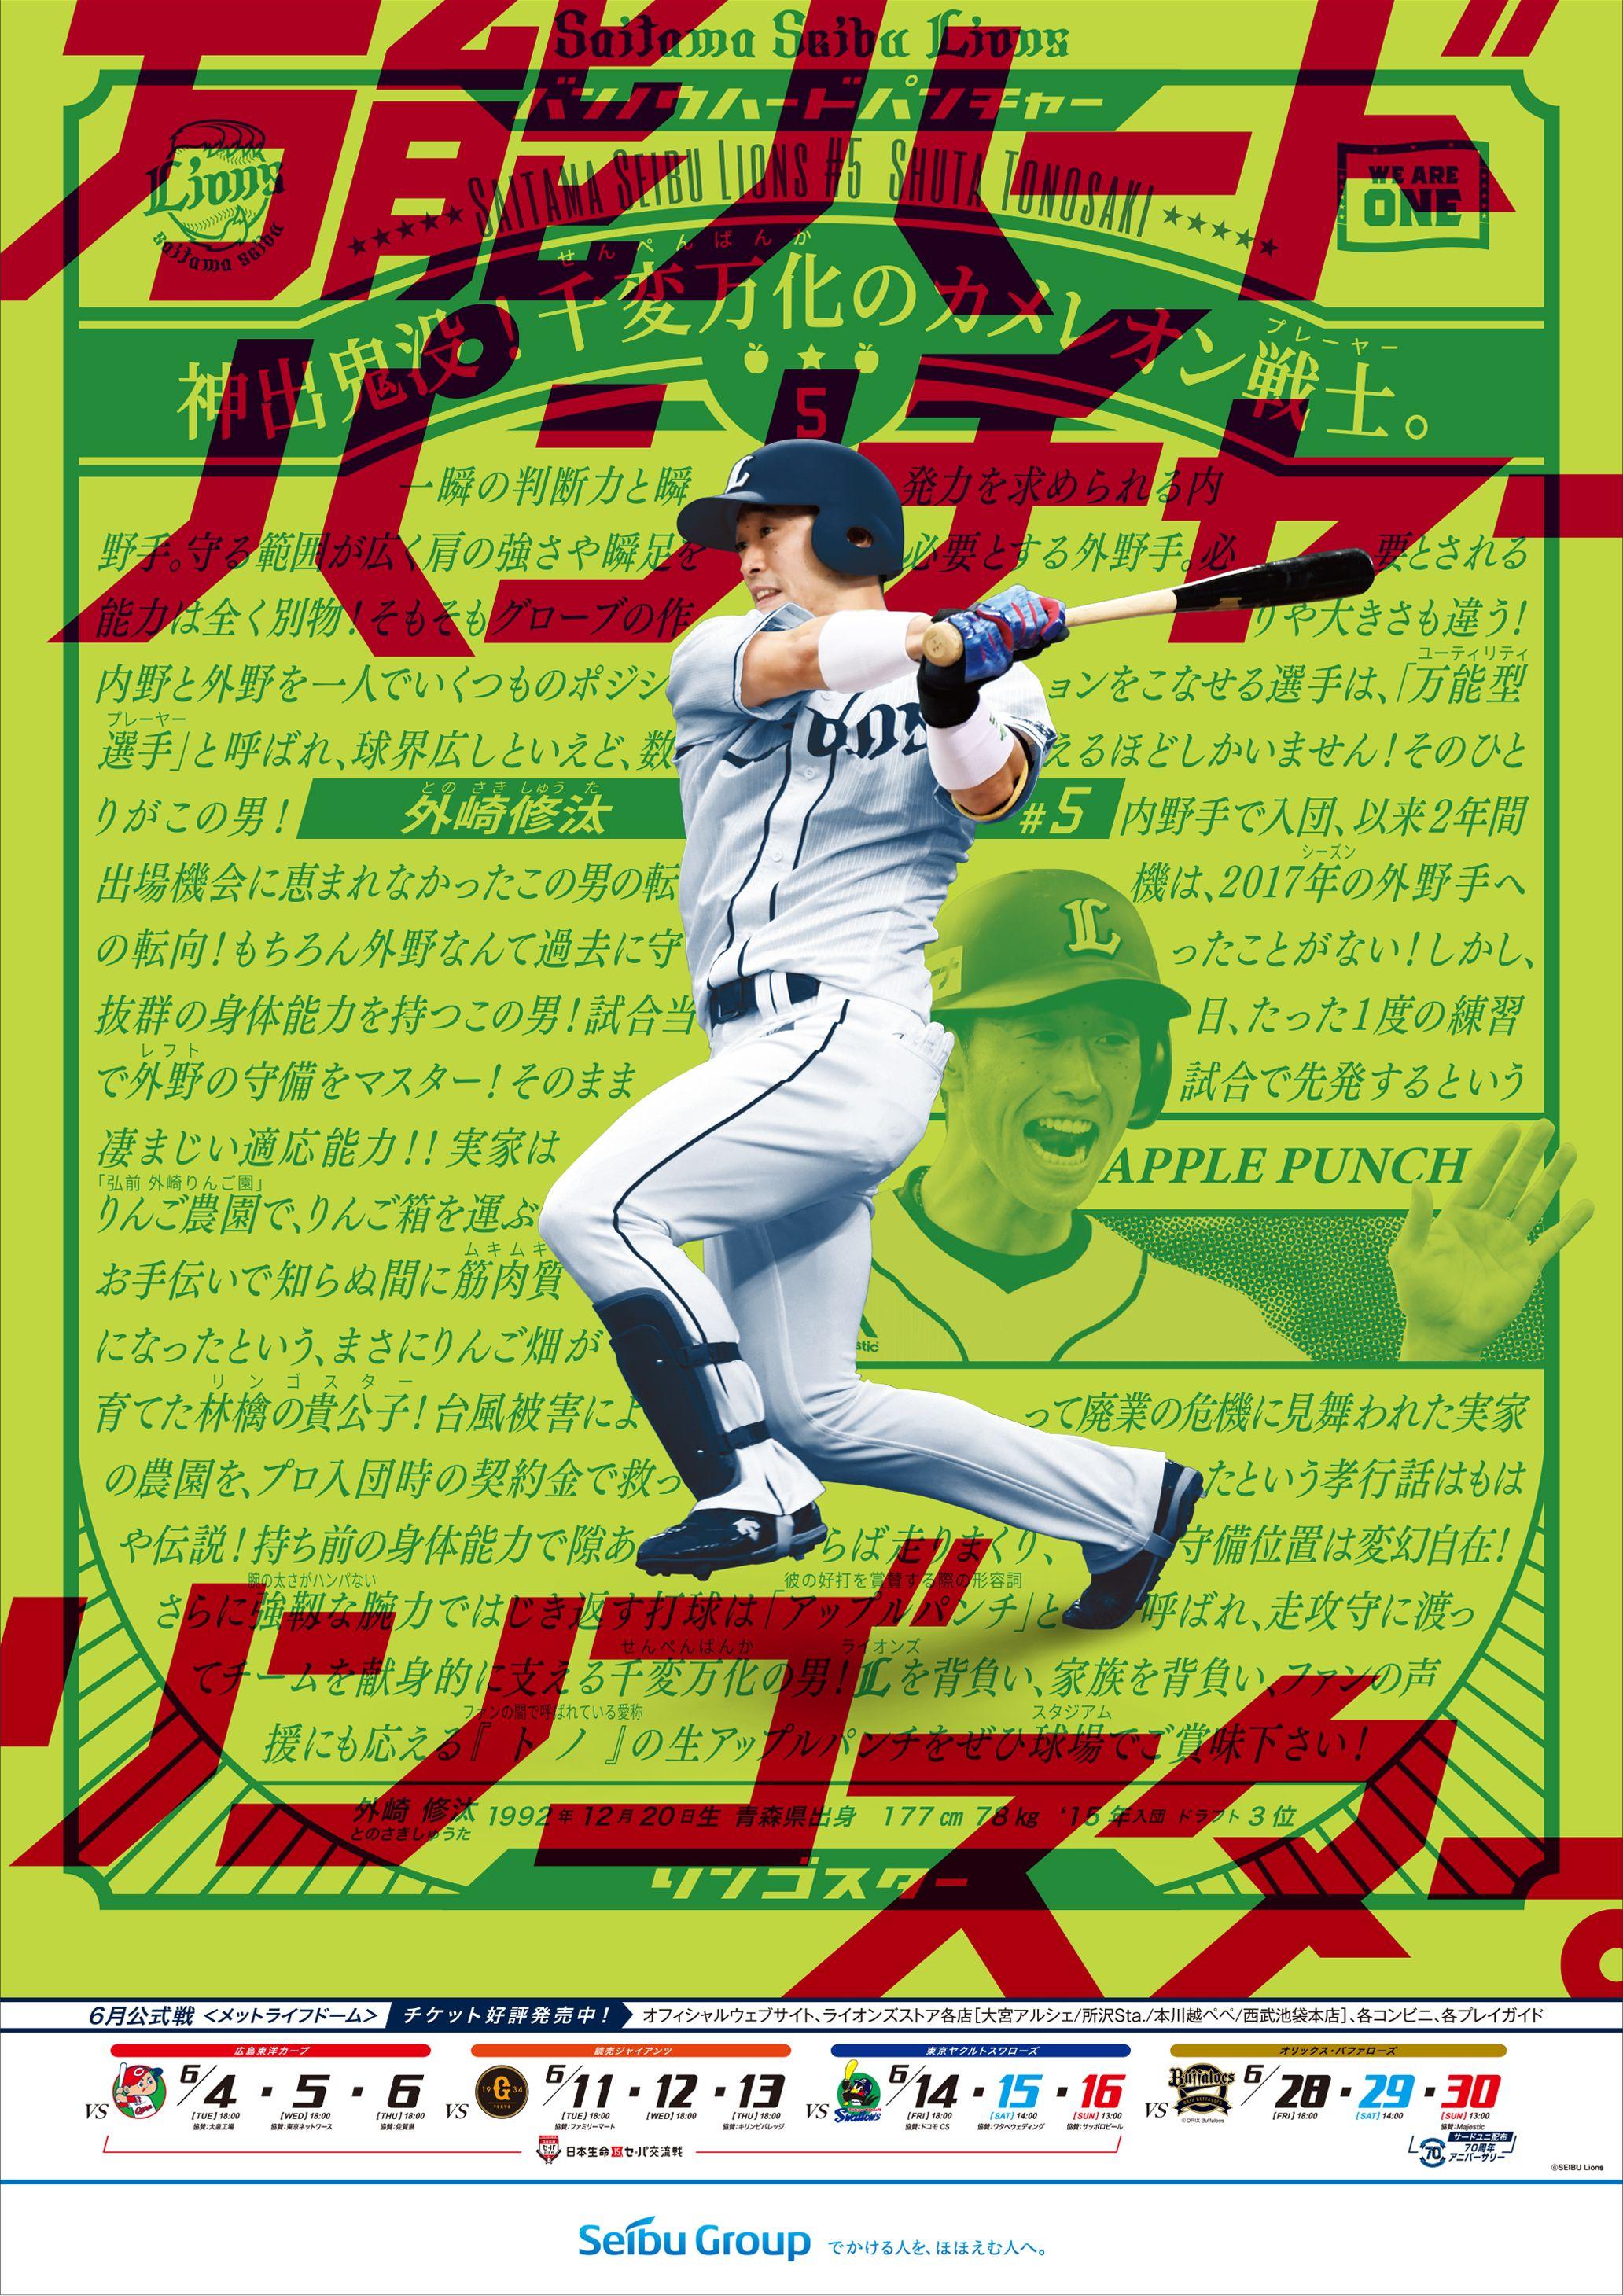 西武ライオンズ ポスター 2019 西武ライオンズ 埼玉西武ライオンズ ポスター